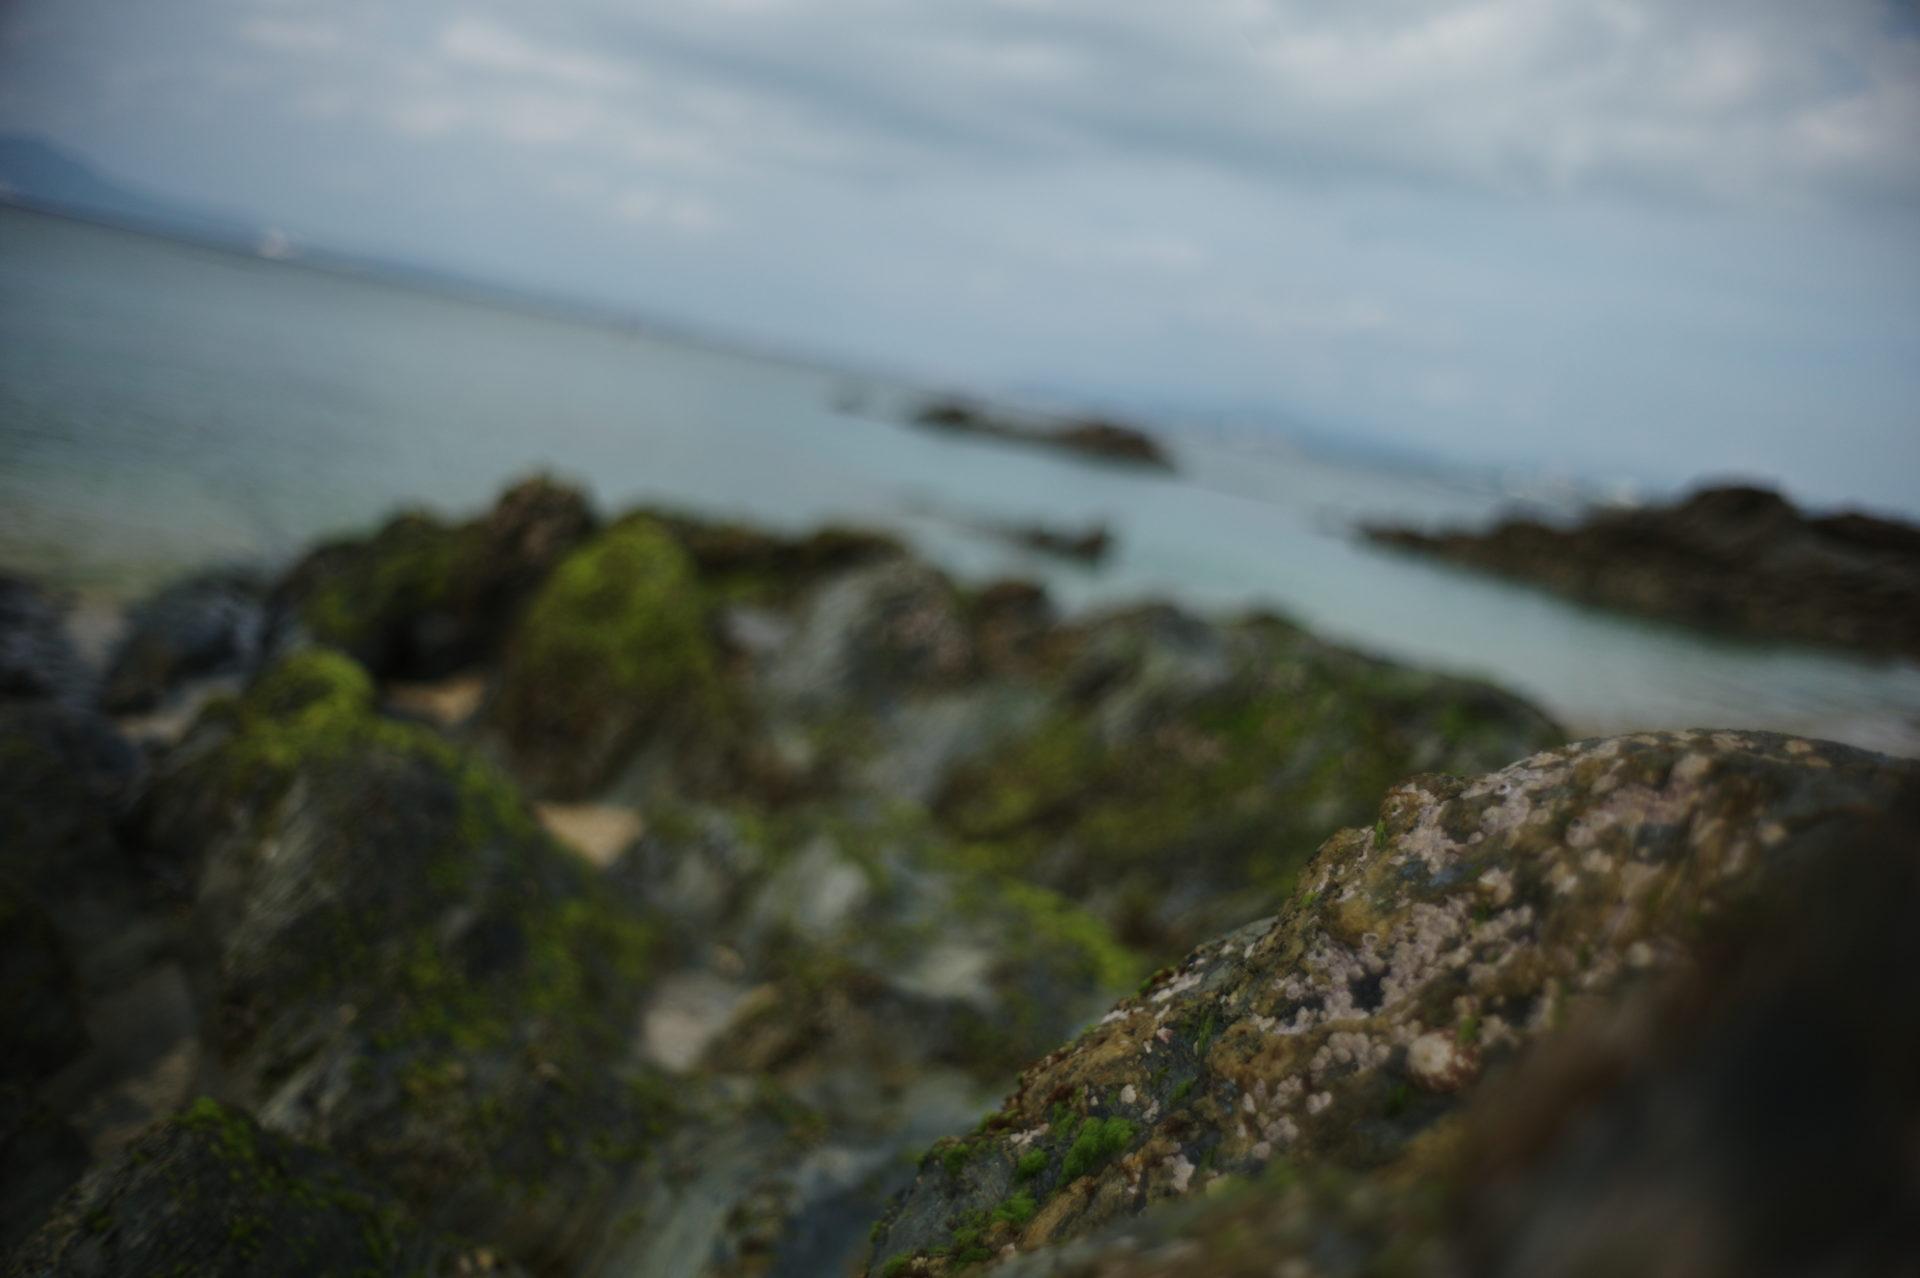 写真の先にあるものを探して。撮り続ける事の難しさに想いを馳せて。